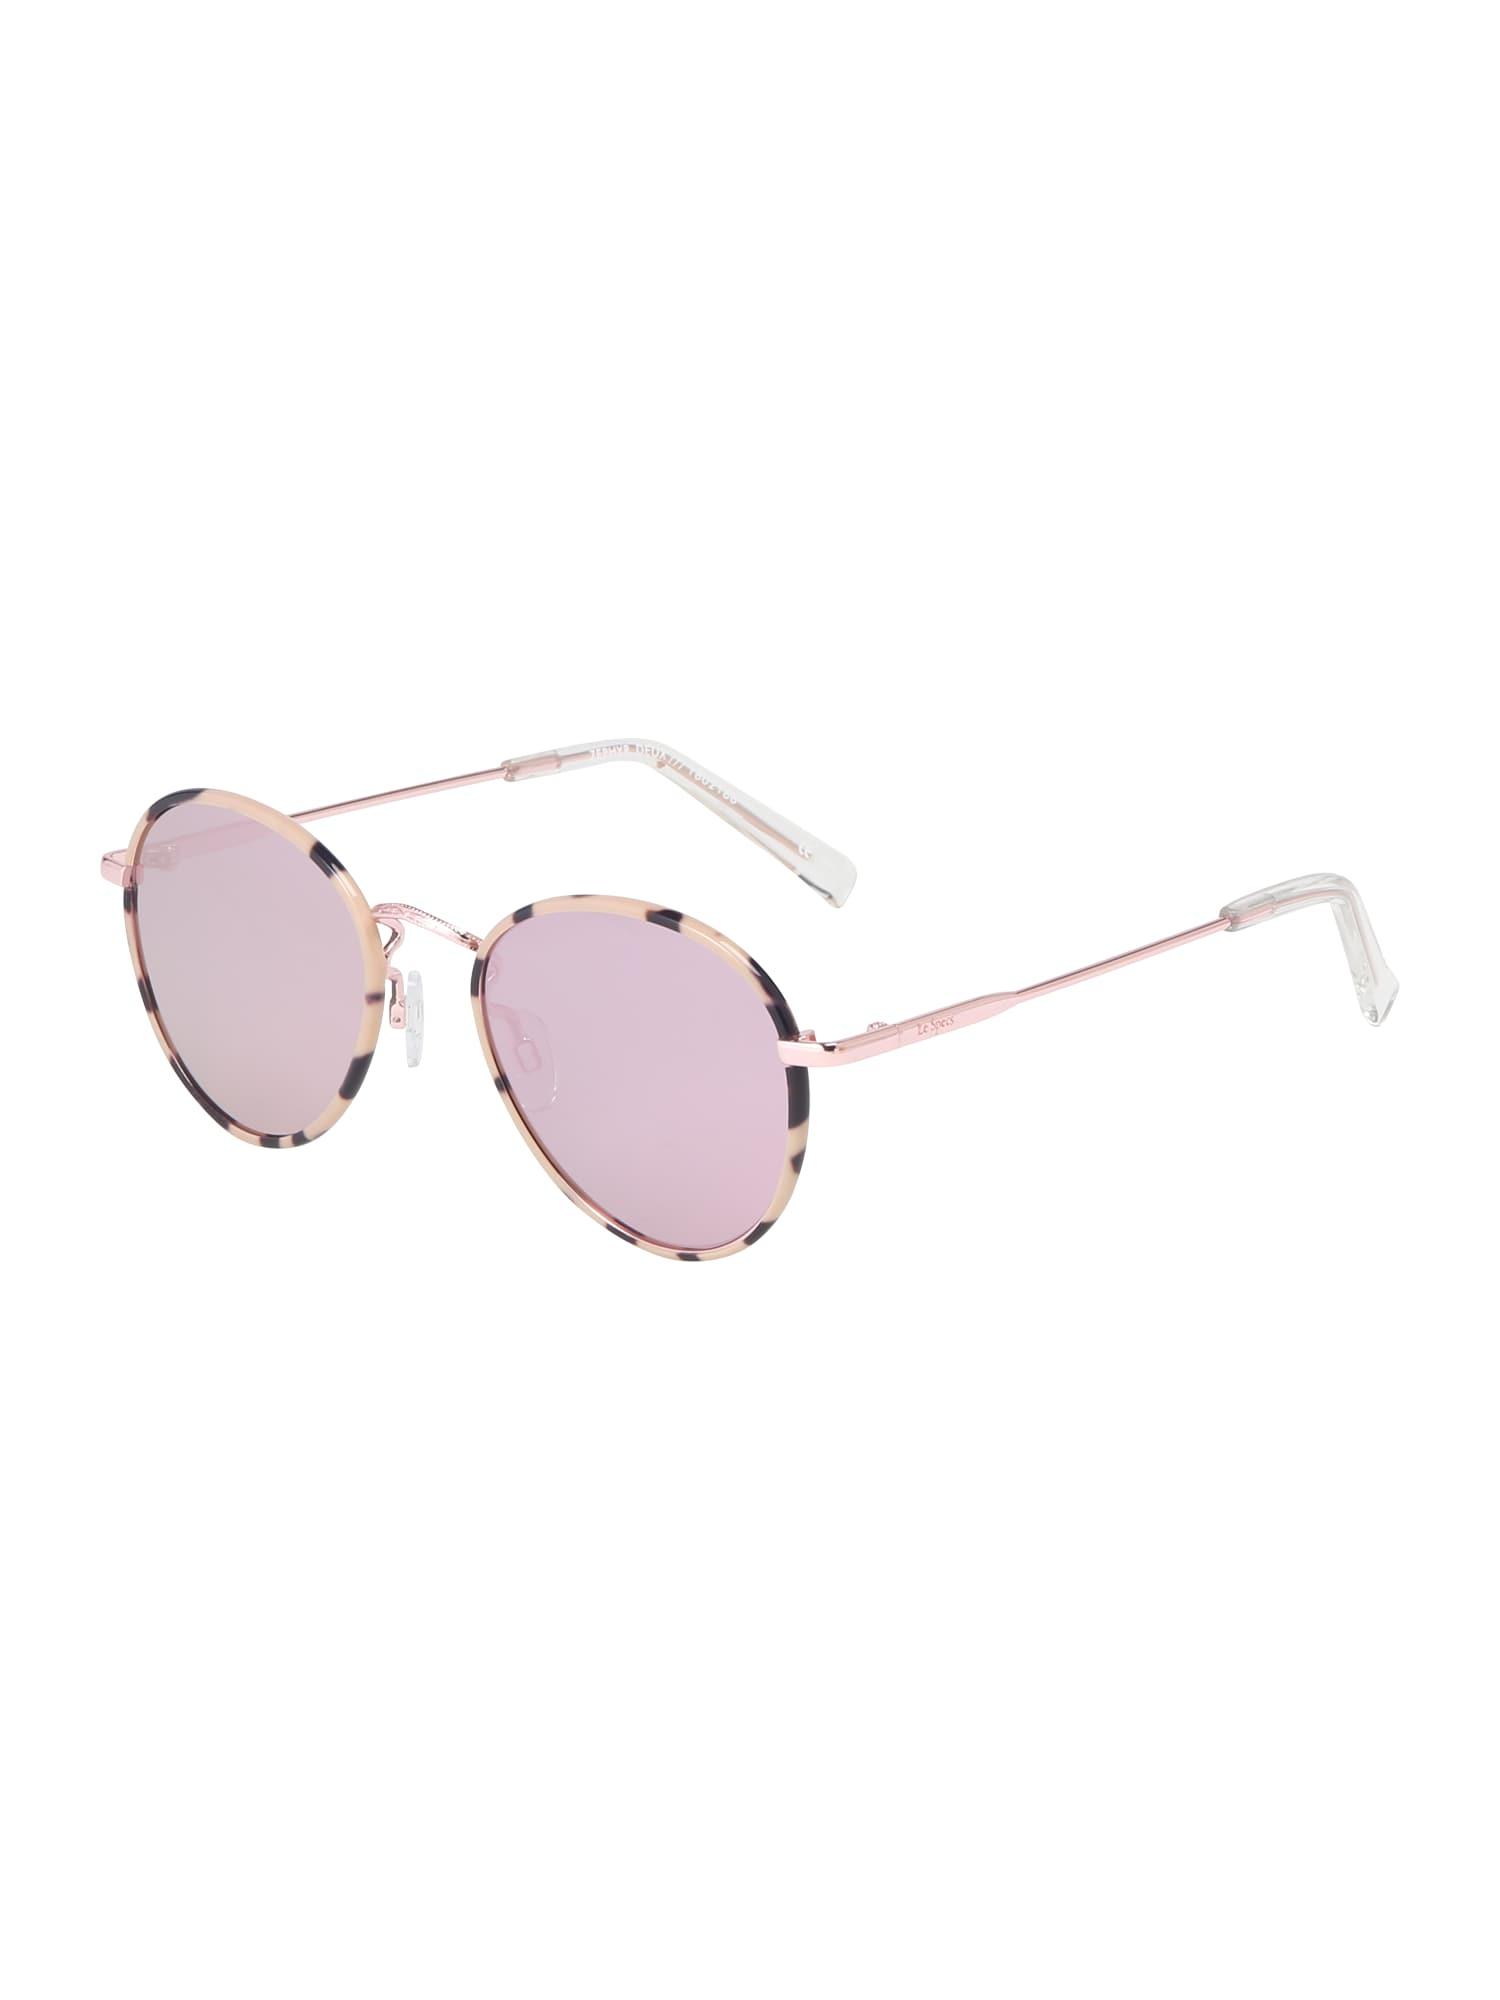 Sluneční brýle ZEPHYR DEUX růžově zlatá růžová LE SPECS